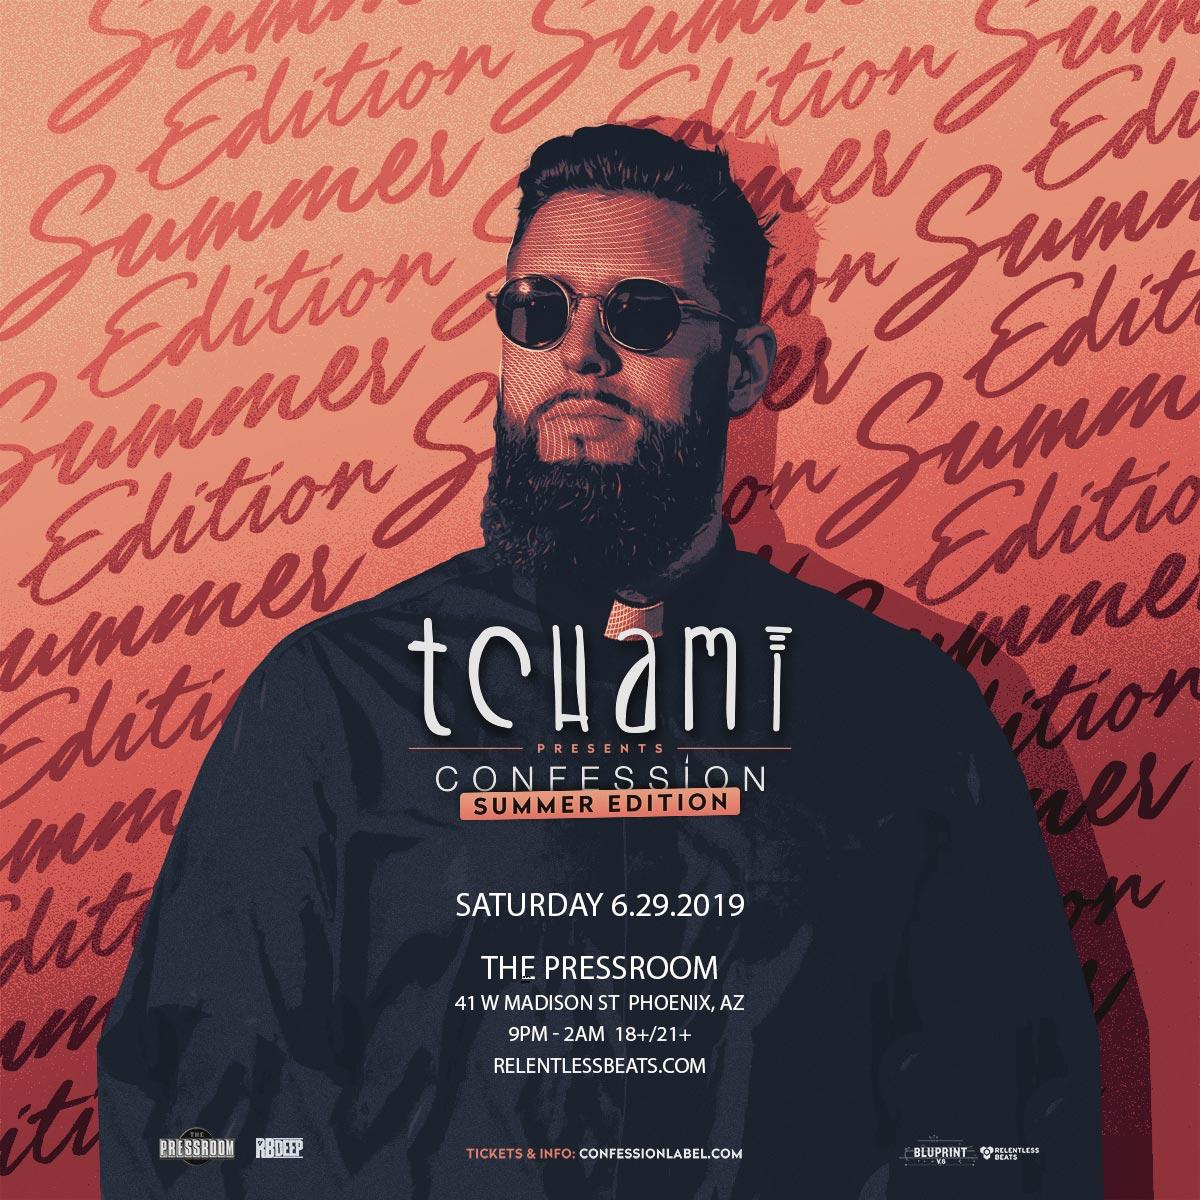 Flyer for Tchami